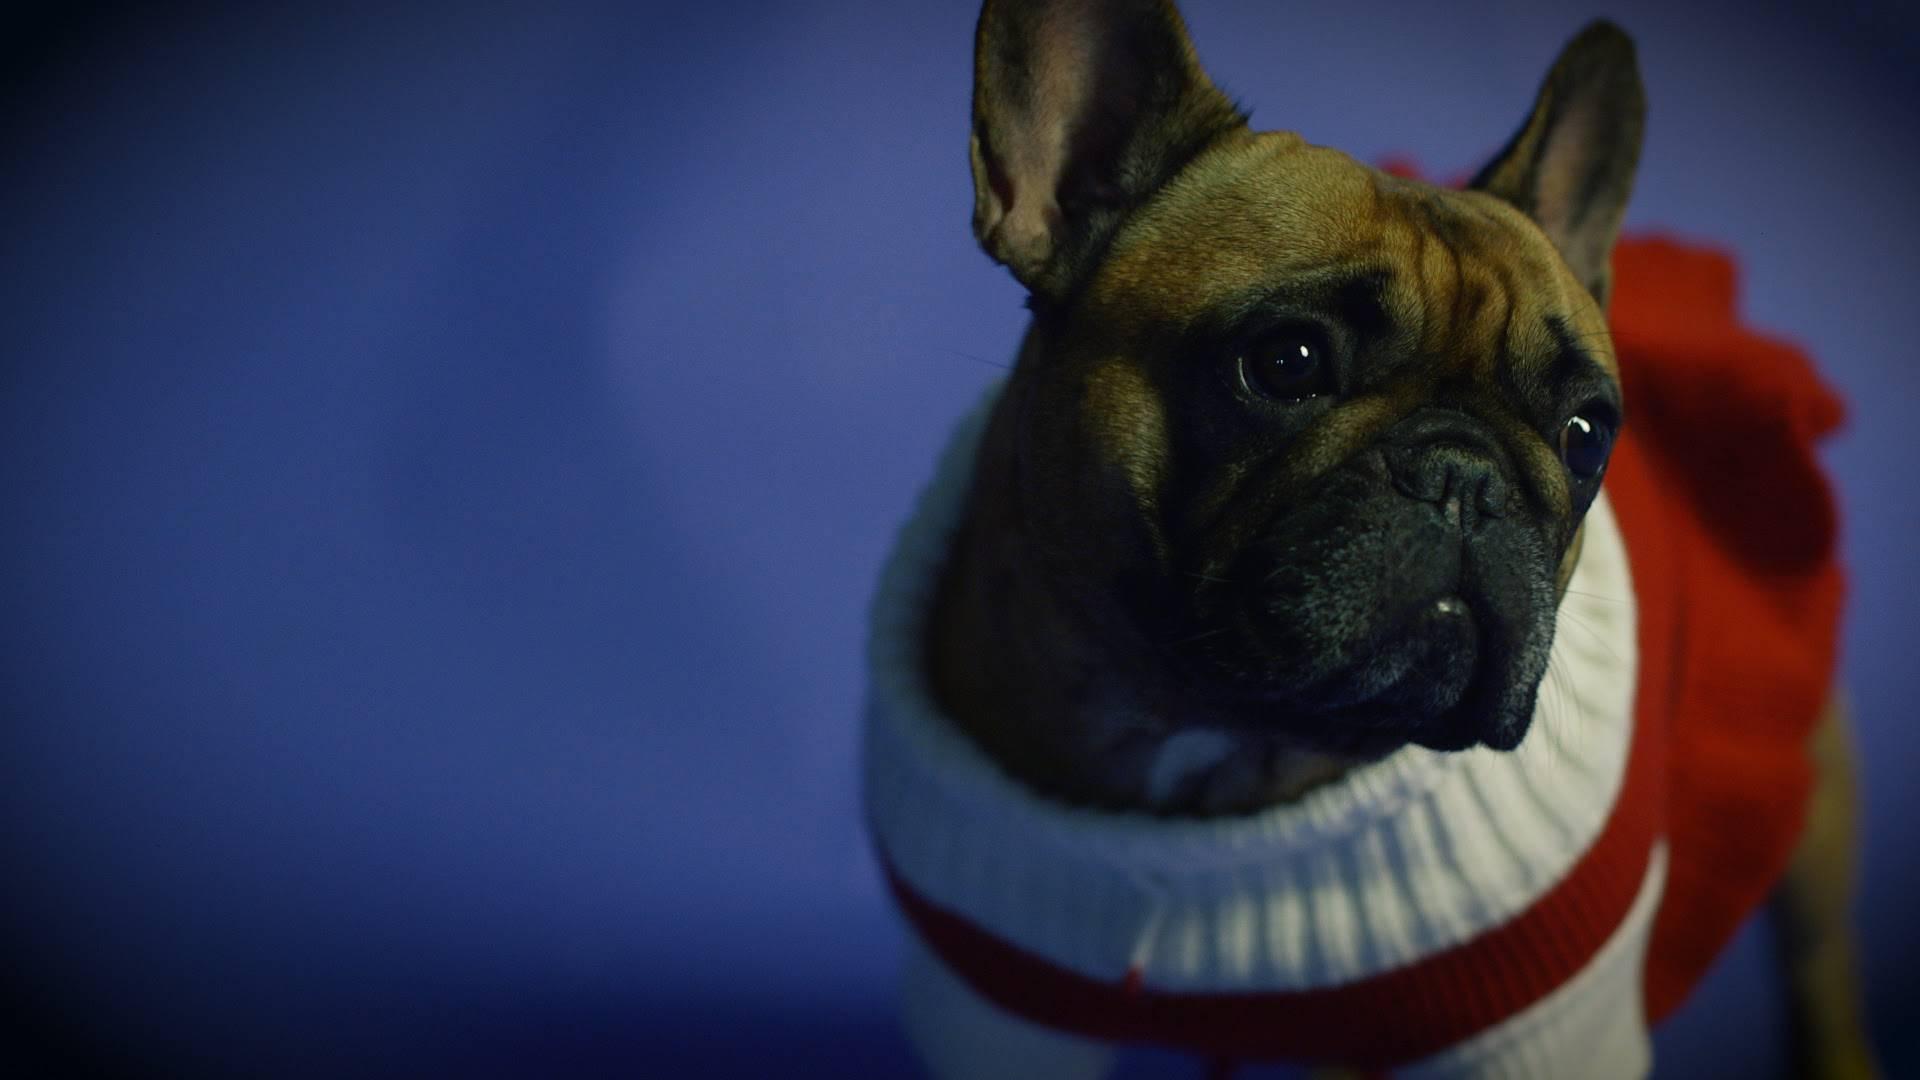 Božićna poslastica: Novi singl Igora Geržine zagrijat će srca